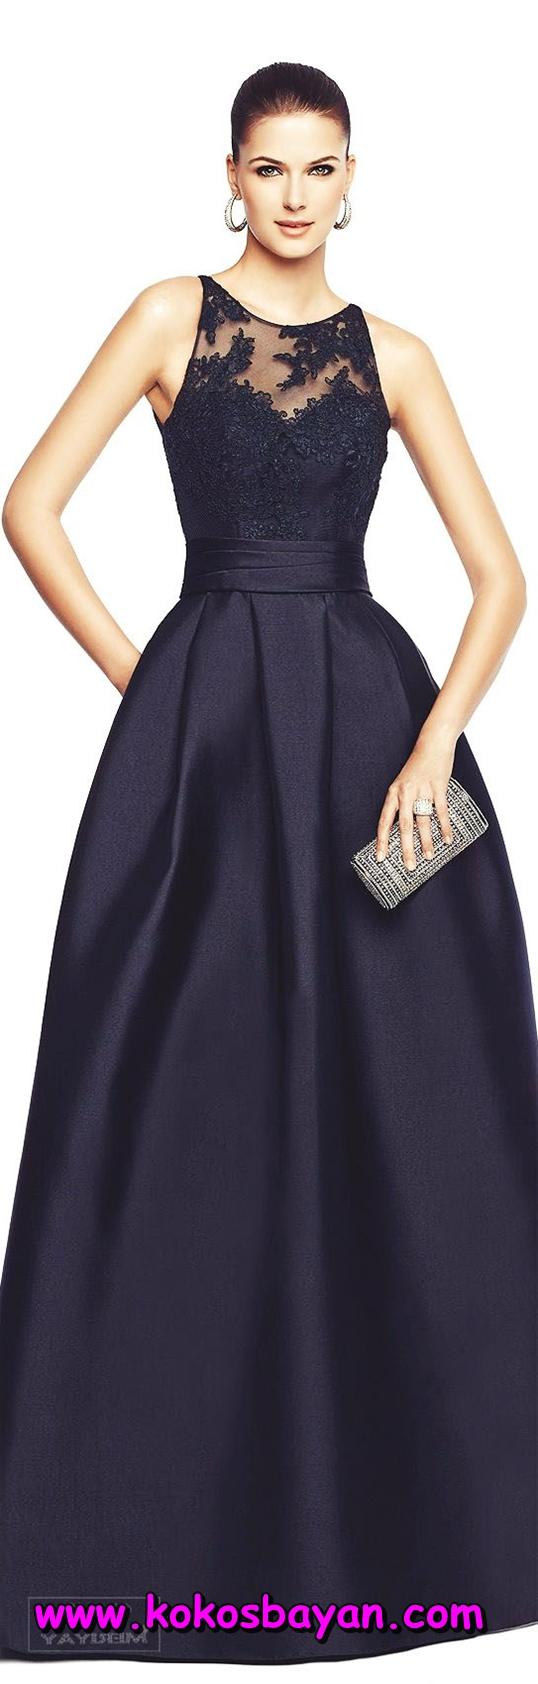 siyah uzun saten mezuniyet elbisesi